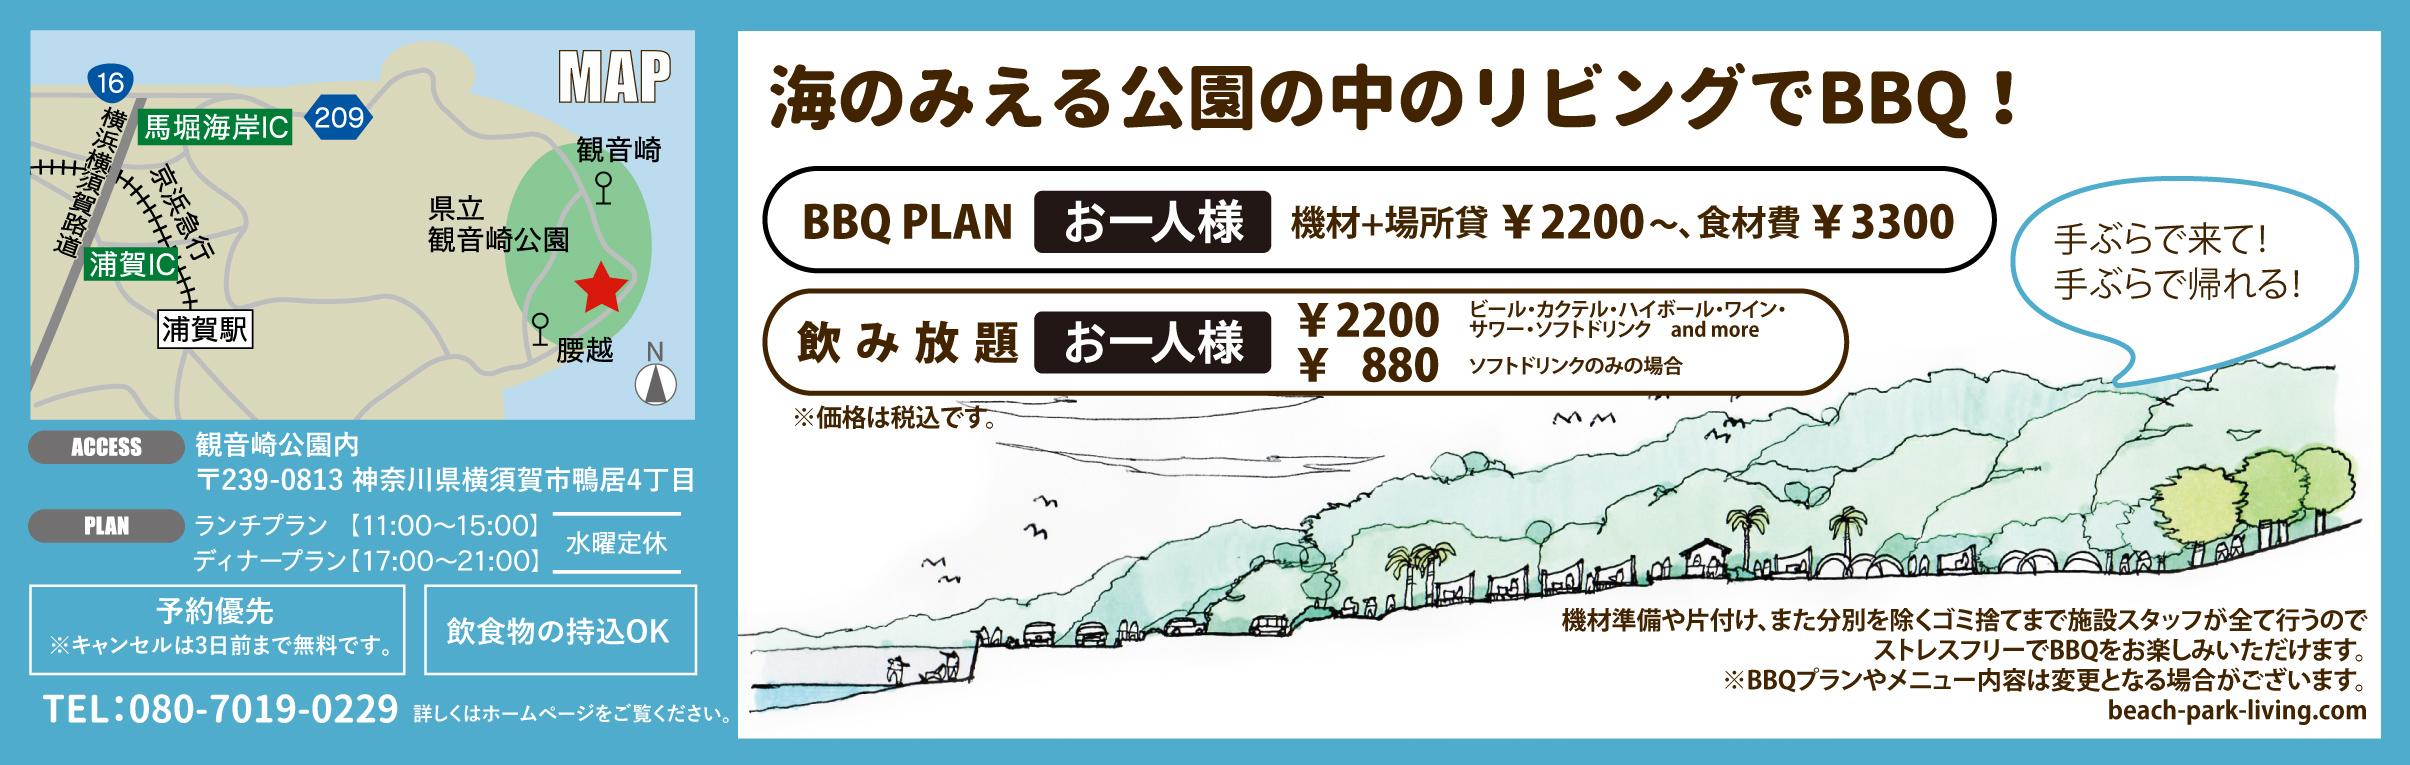 【読者限定プレゼント】観音崎のビーチパークリビングで「MIXフライドポテト」プレゼント!